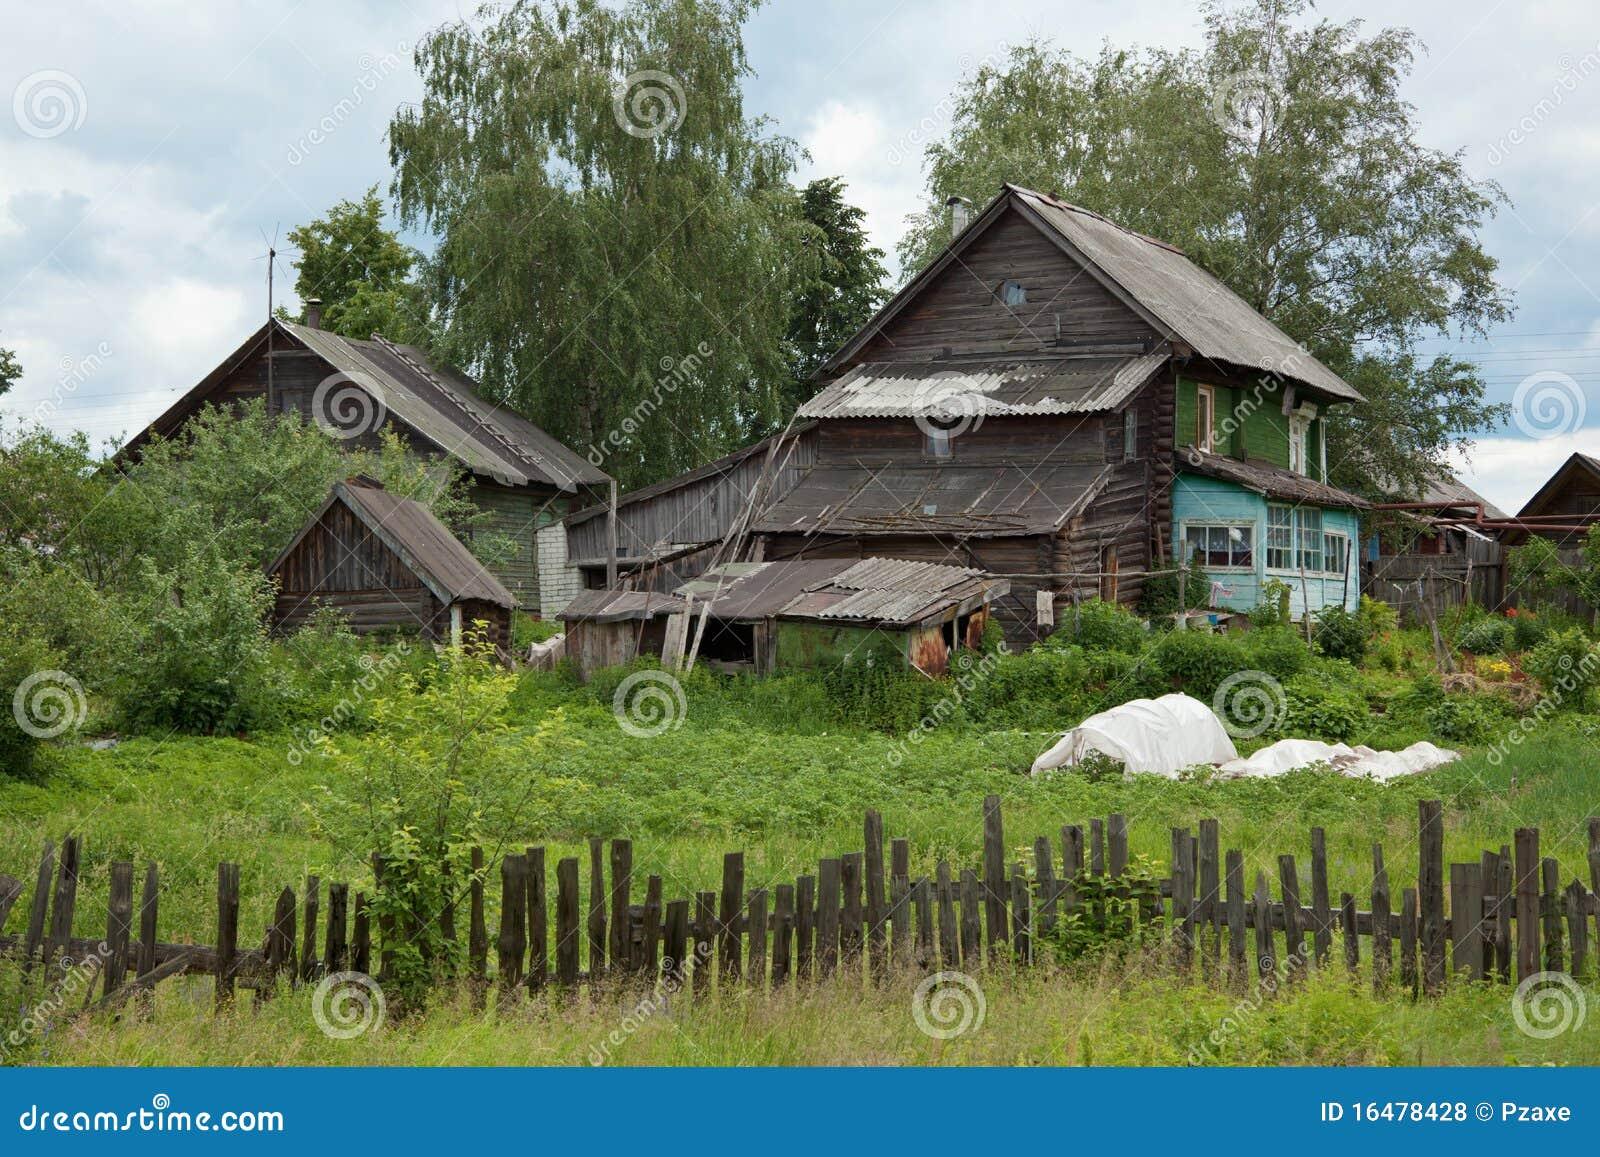 Fachadas casas sticas las fotos casa minimalista portal for Casas minimalistas fotos